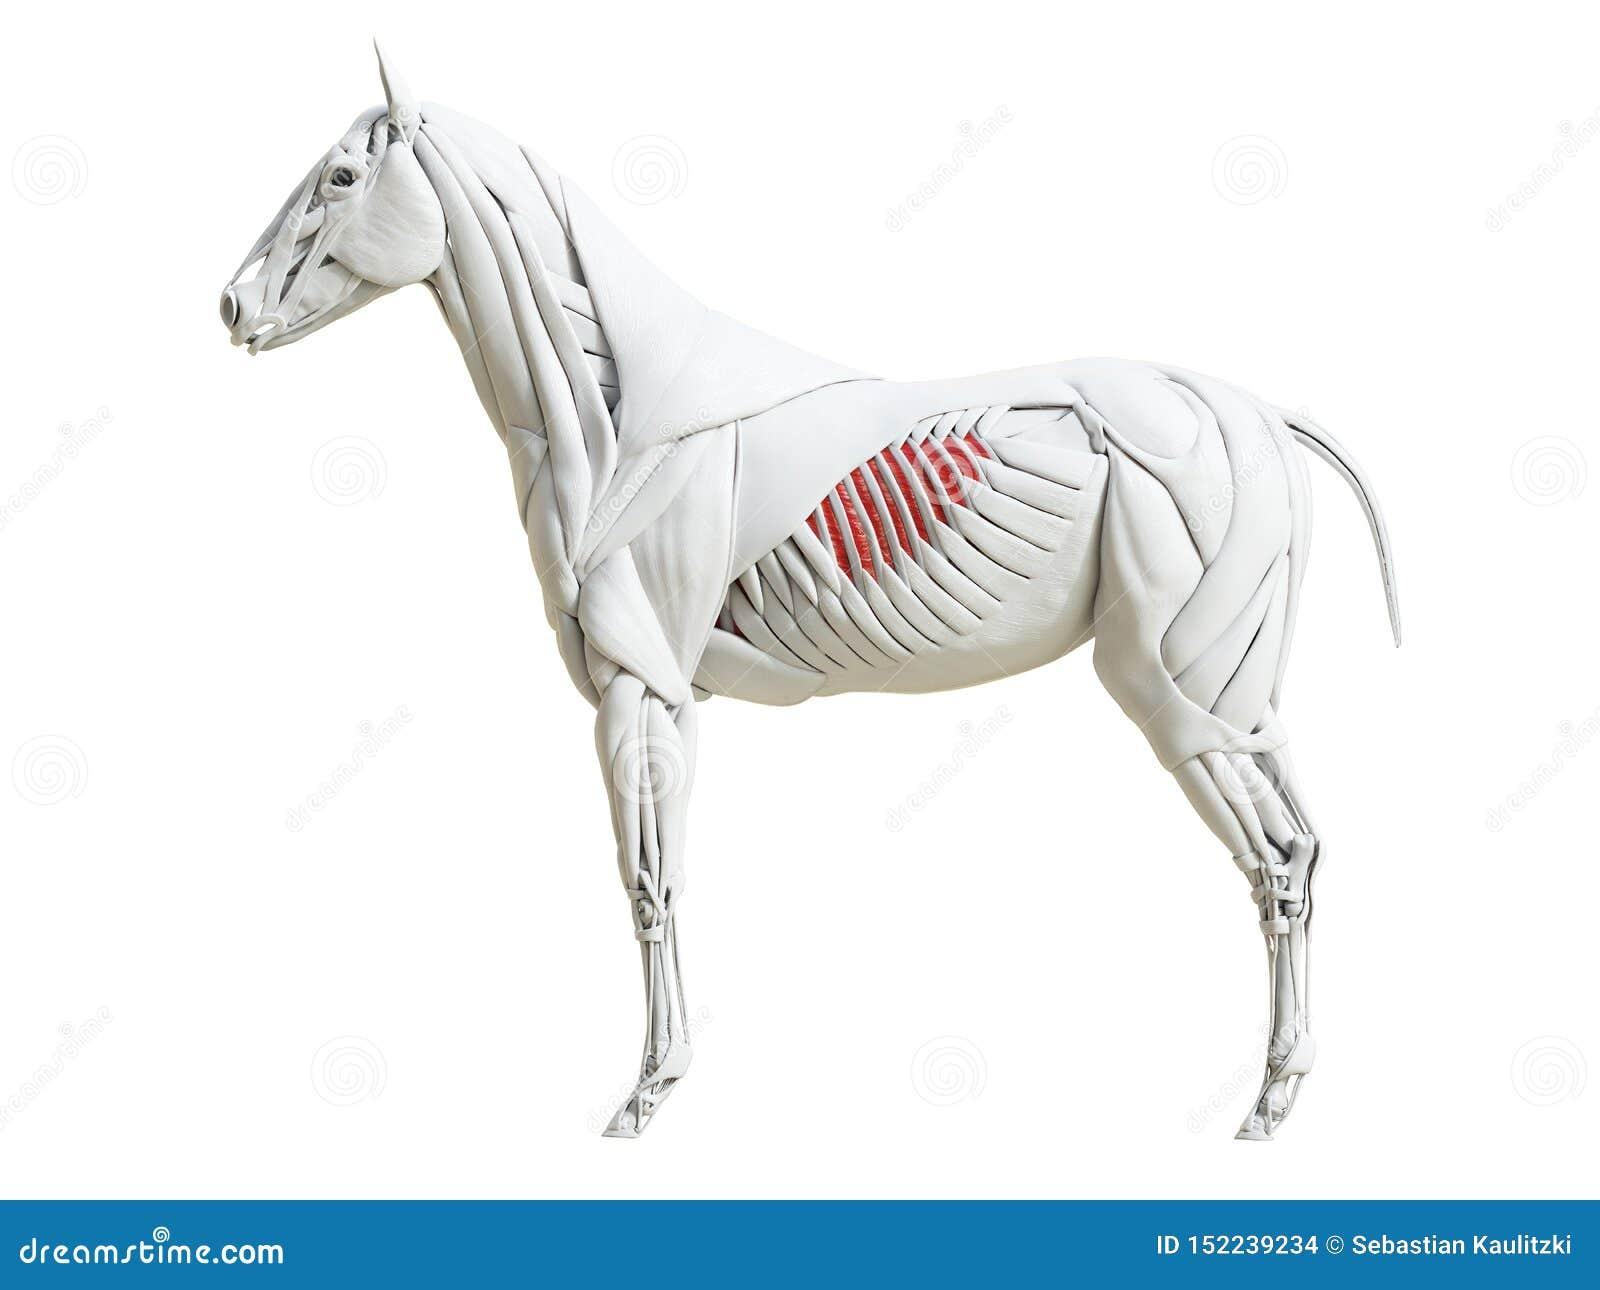 Equine анатомия мышцы - интеркостальное externi